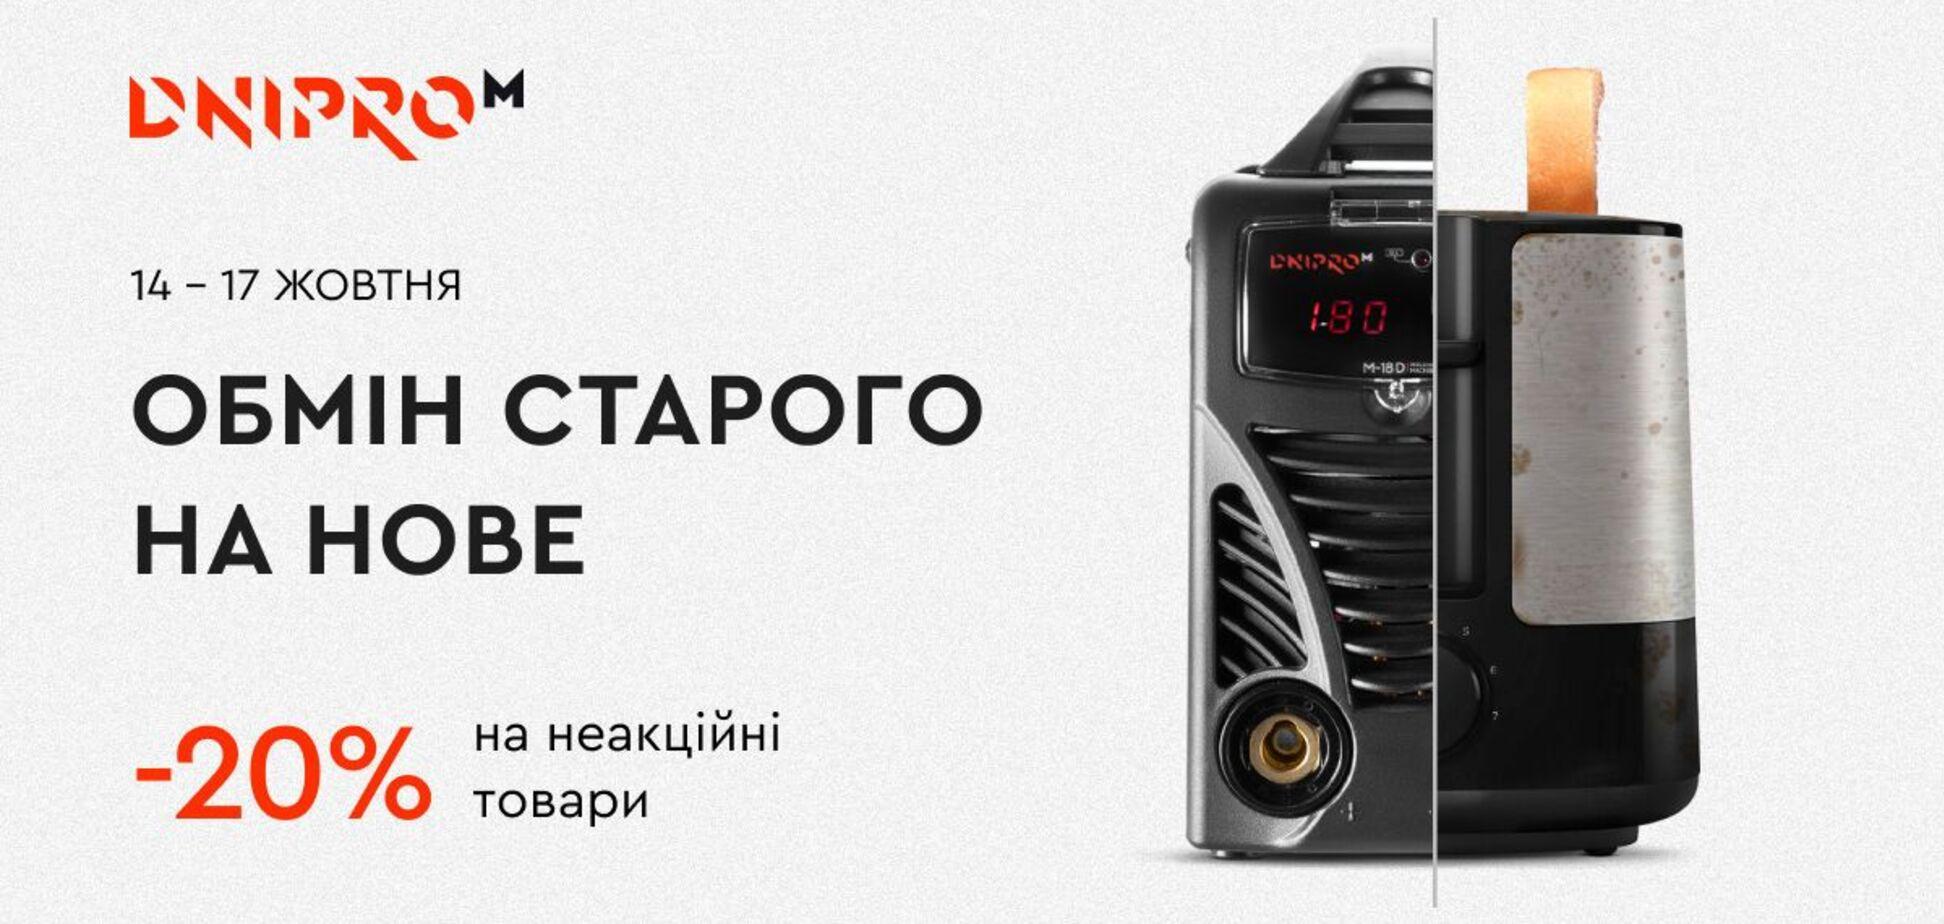 Dnipro-M підготував спеціальну пропозицію для покупців